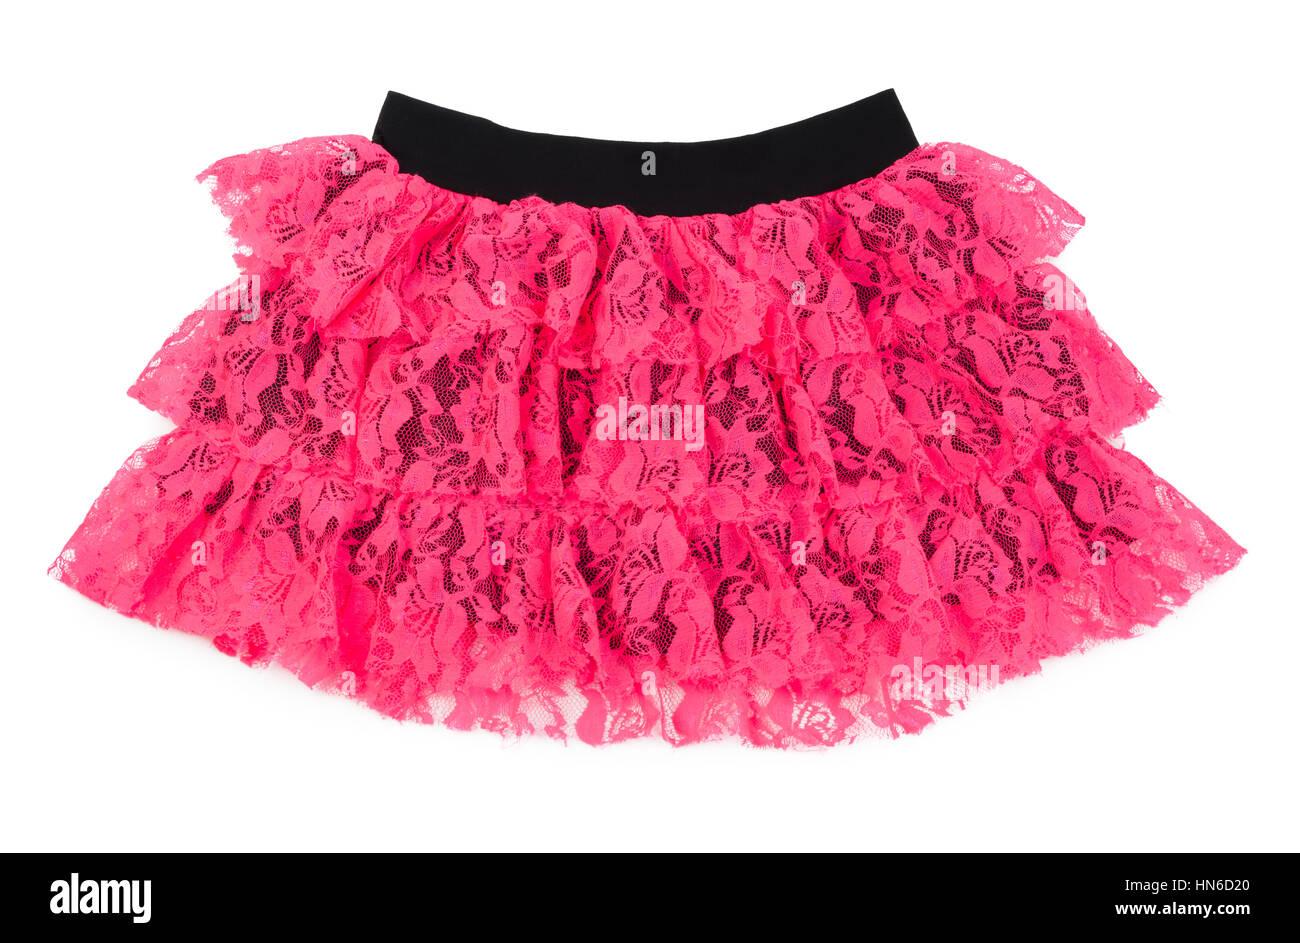 comprar baratas nuevo alto variedades anchas Falda de encaje rosa para bailar aislado sobre fondo blanco ...